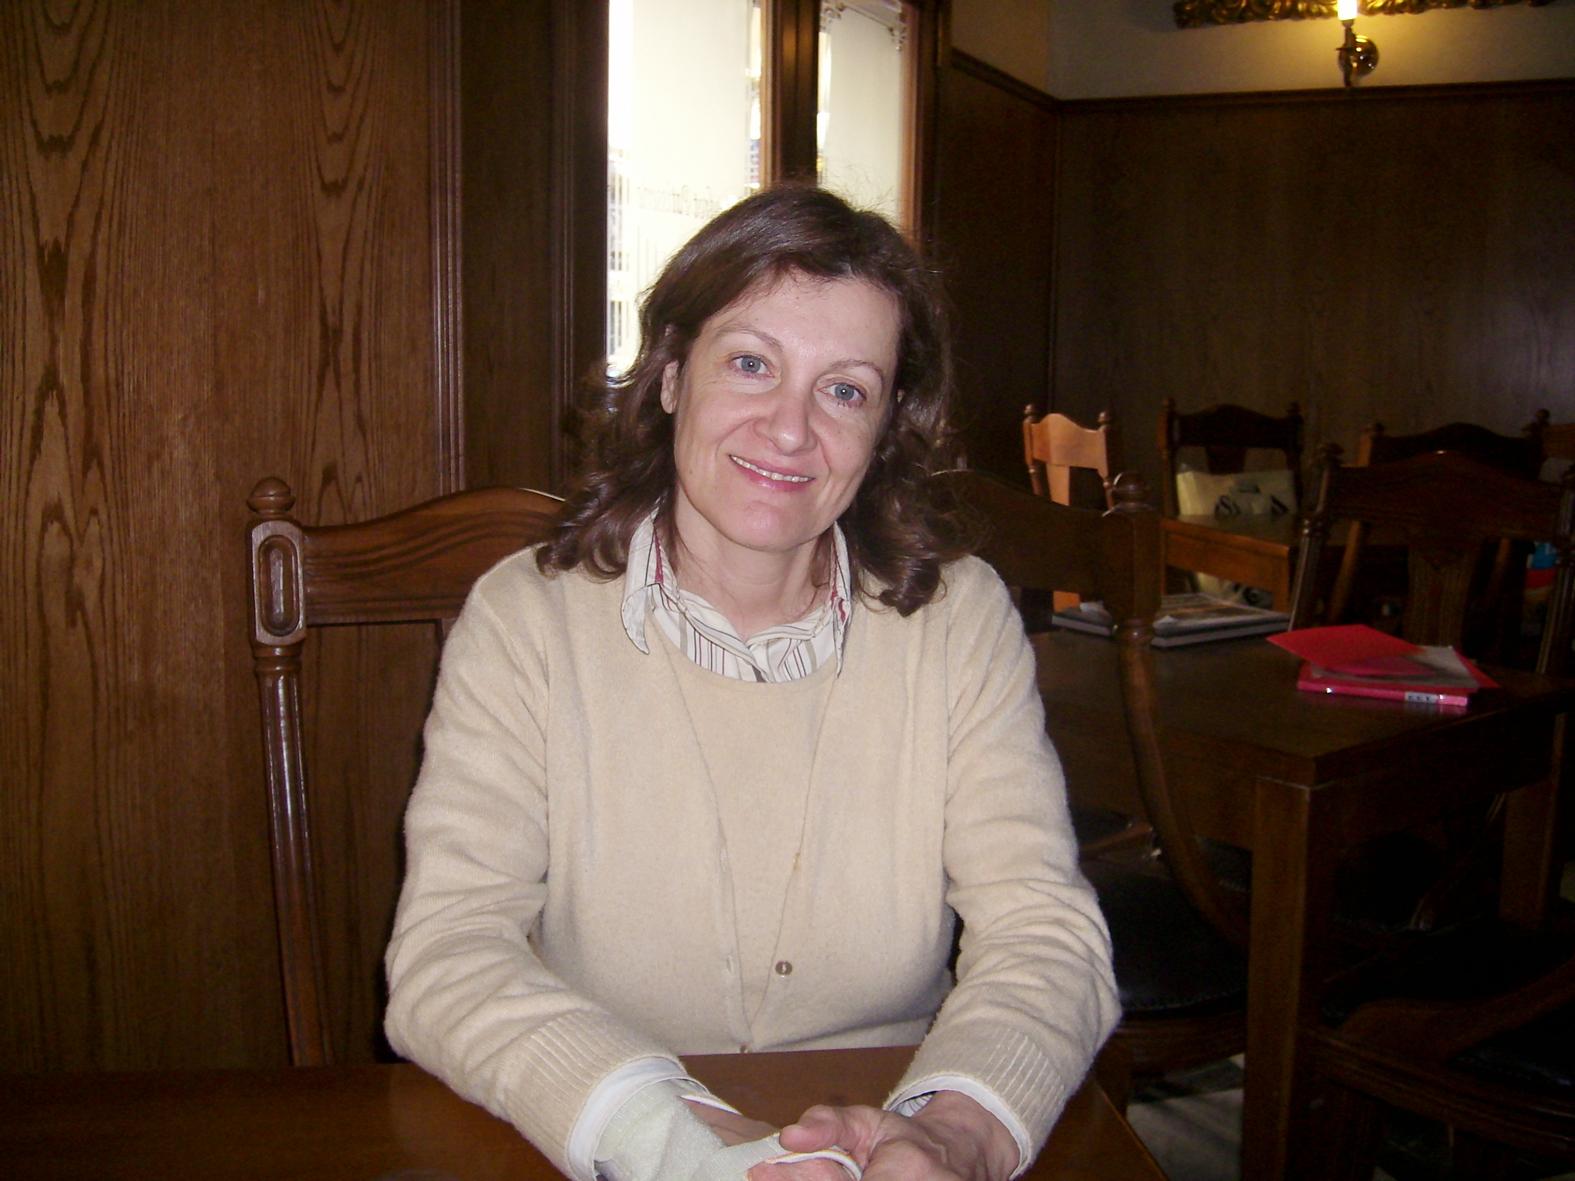 لوكيا ديميترى 2010